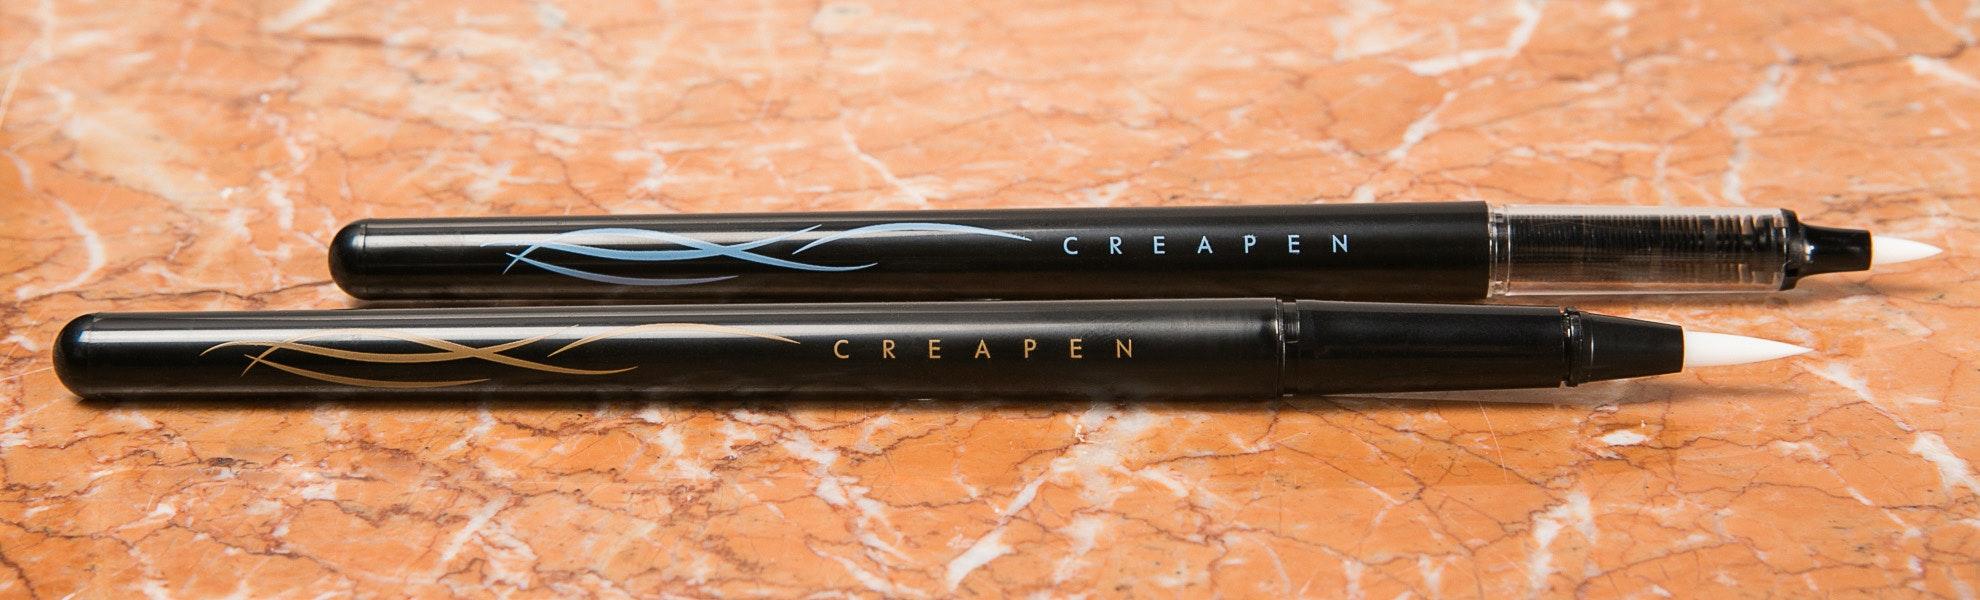 J. Herbin CreaPen Refillable Brush Pens (2-Pack)